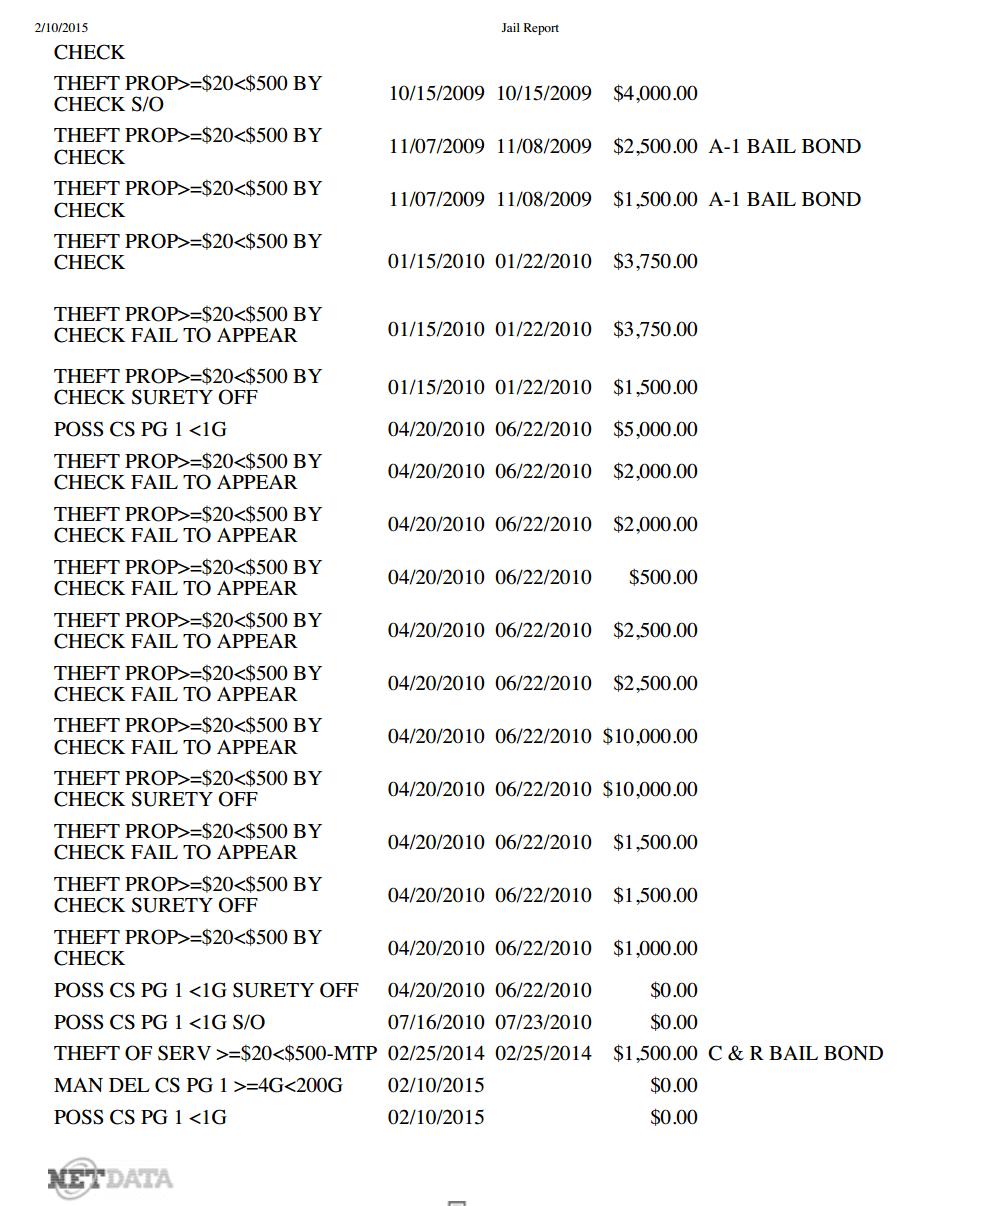 Screen Shot 2015-02-10 at 10.58.53 AM